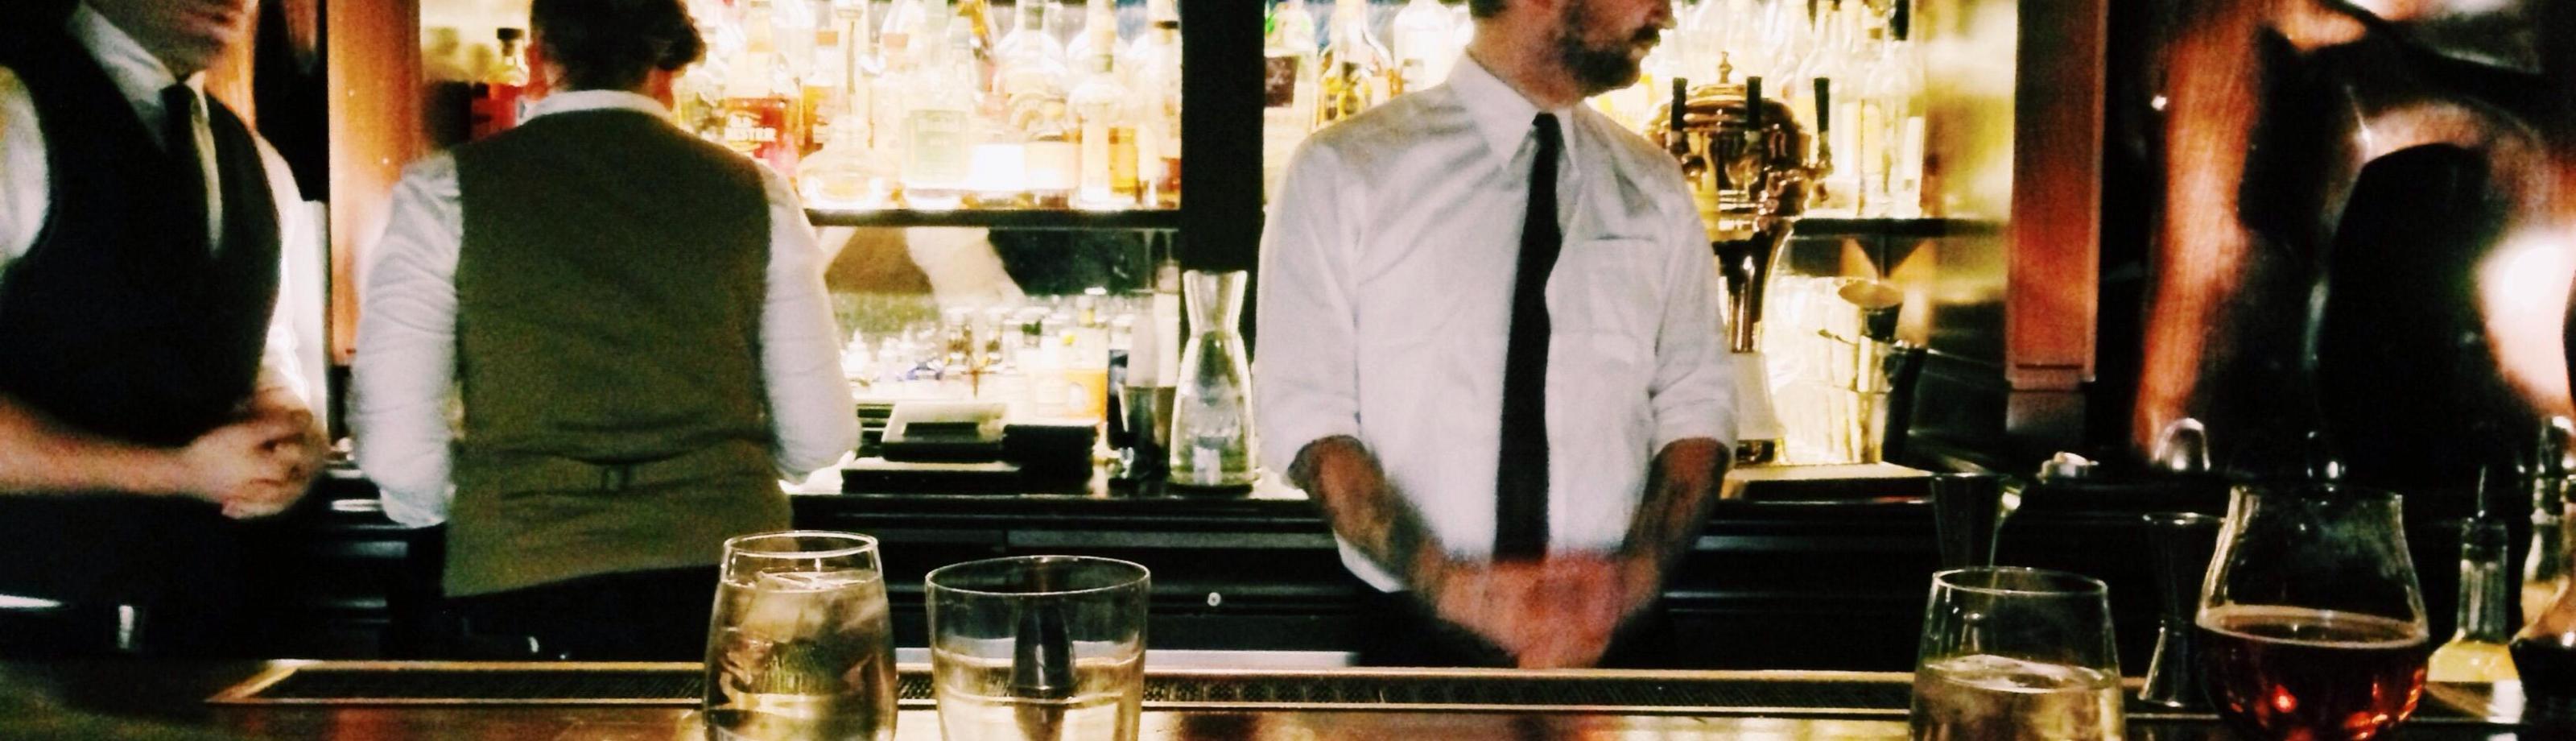 Bar mkb